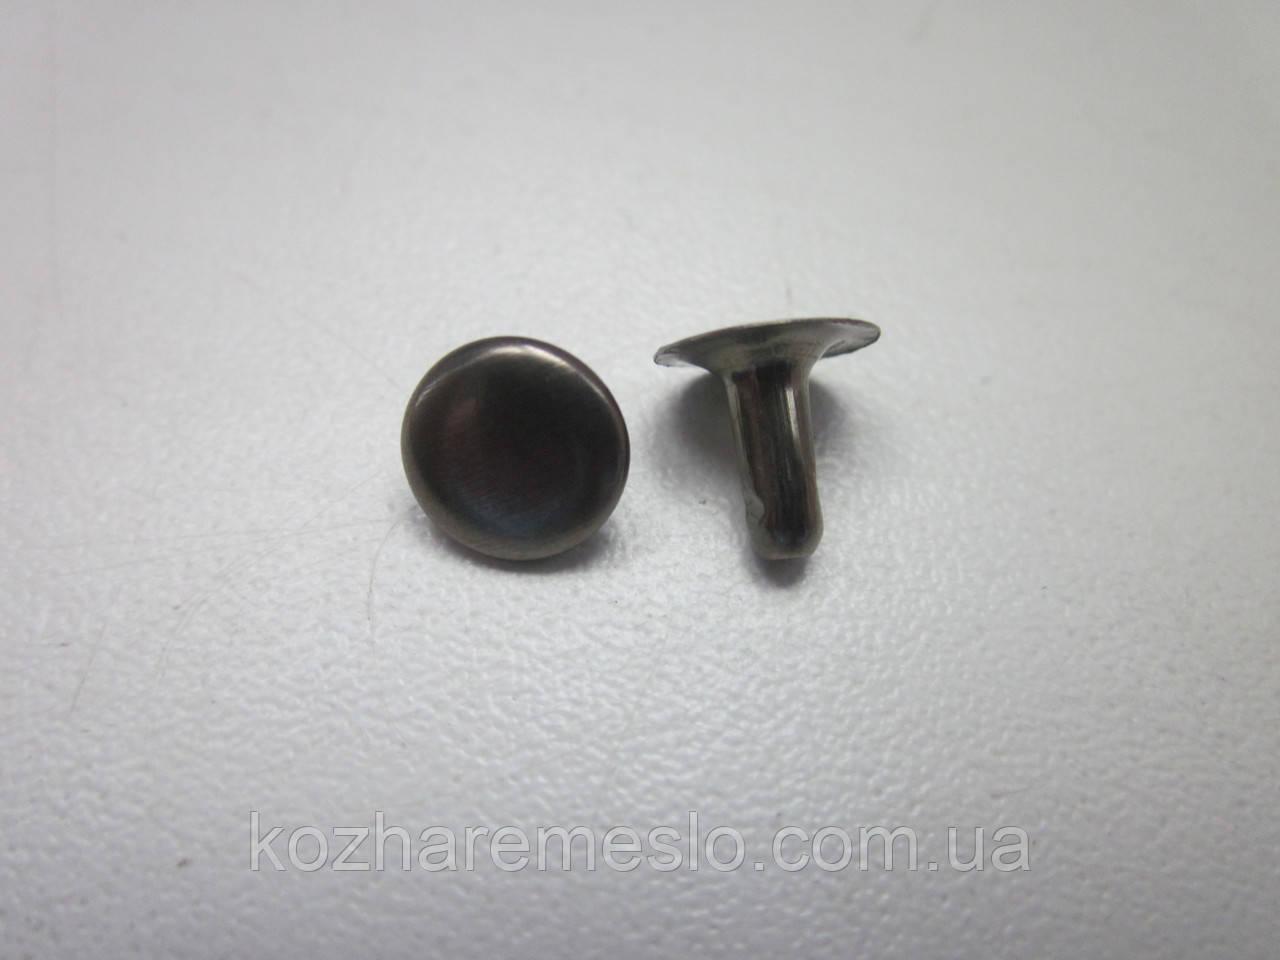 Хольнитен (заклёпка) односторонний 8 х 8 х 8 мм тёмный никель